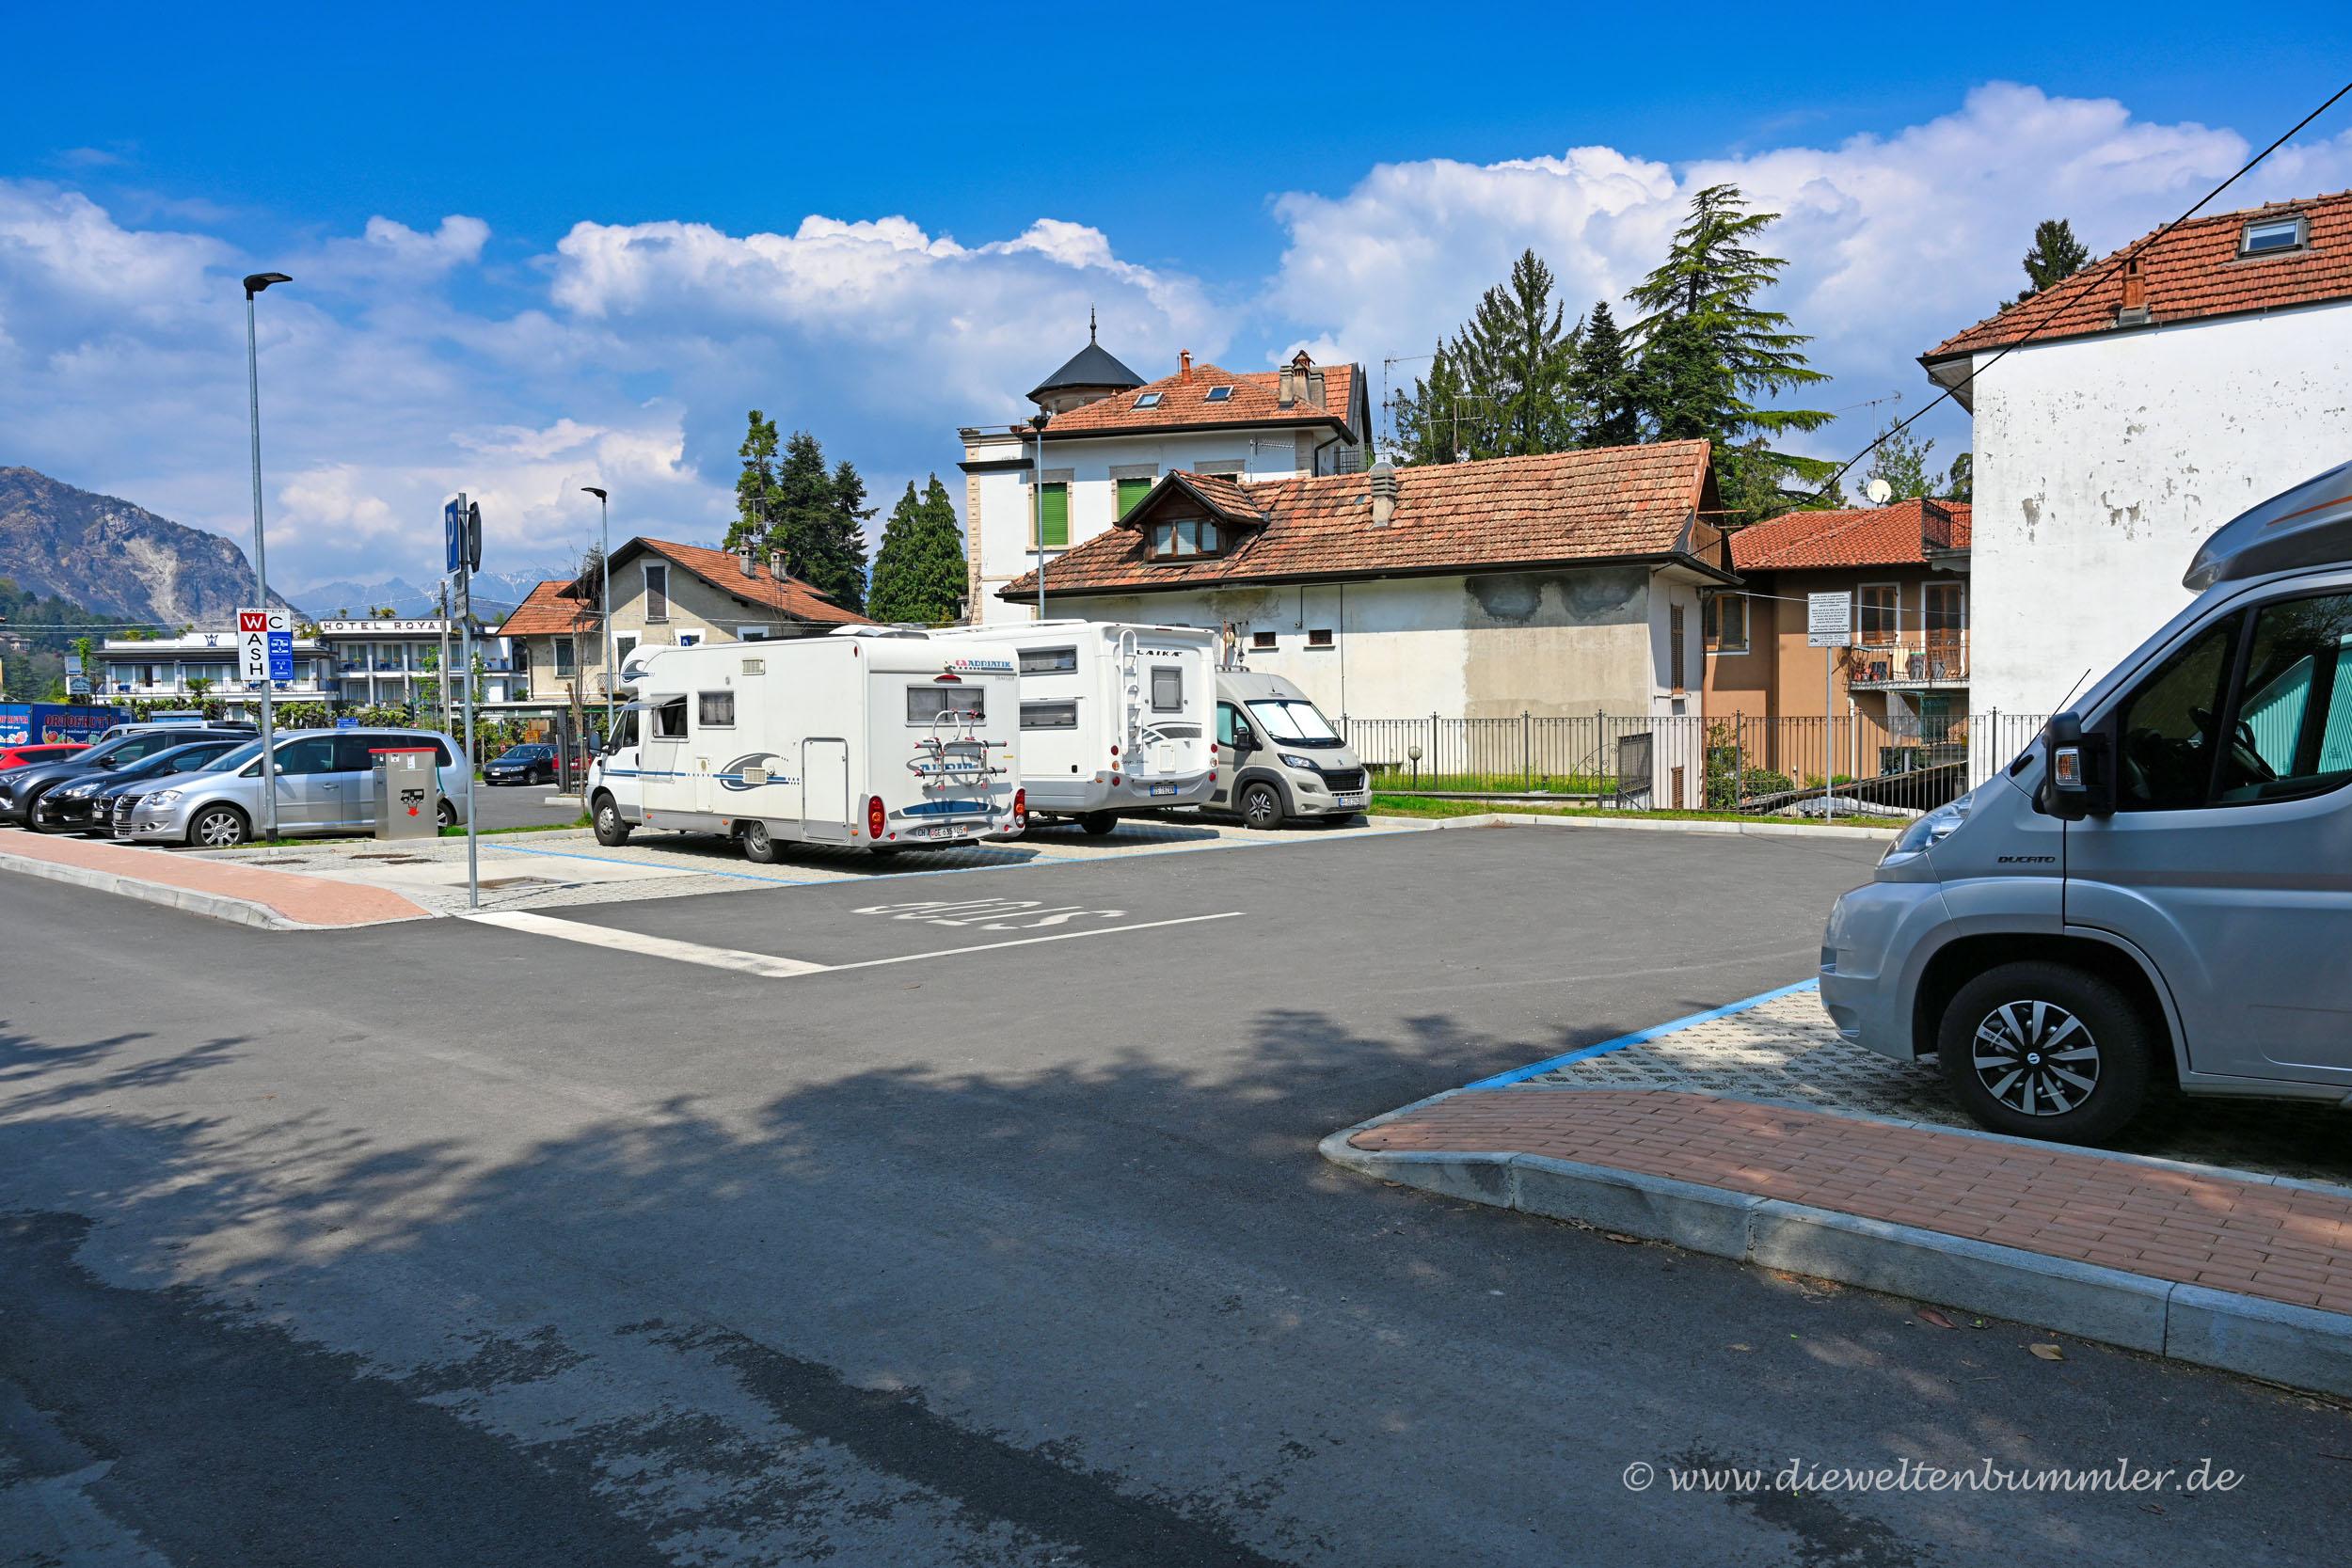 Wohnmobilstellplatz in Stresa